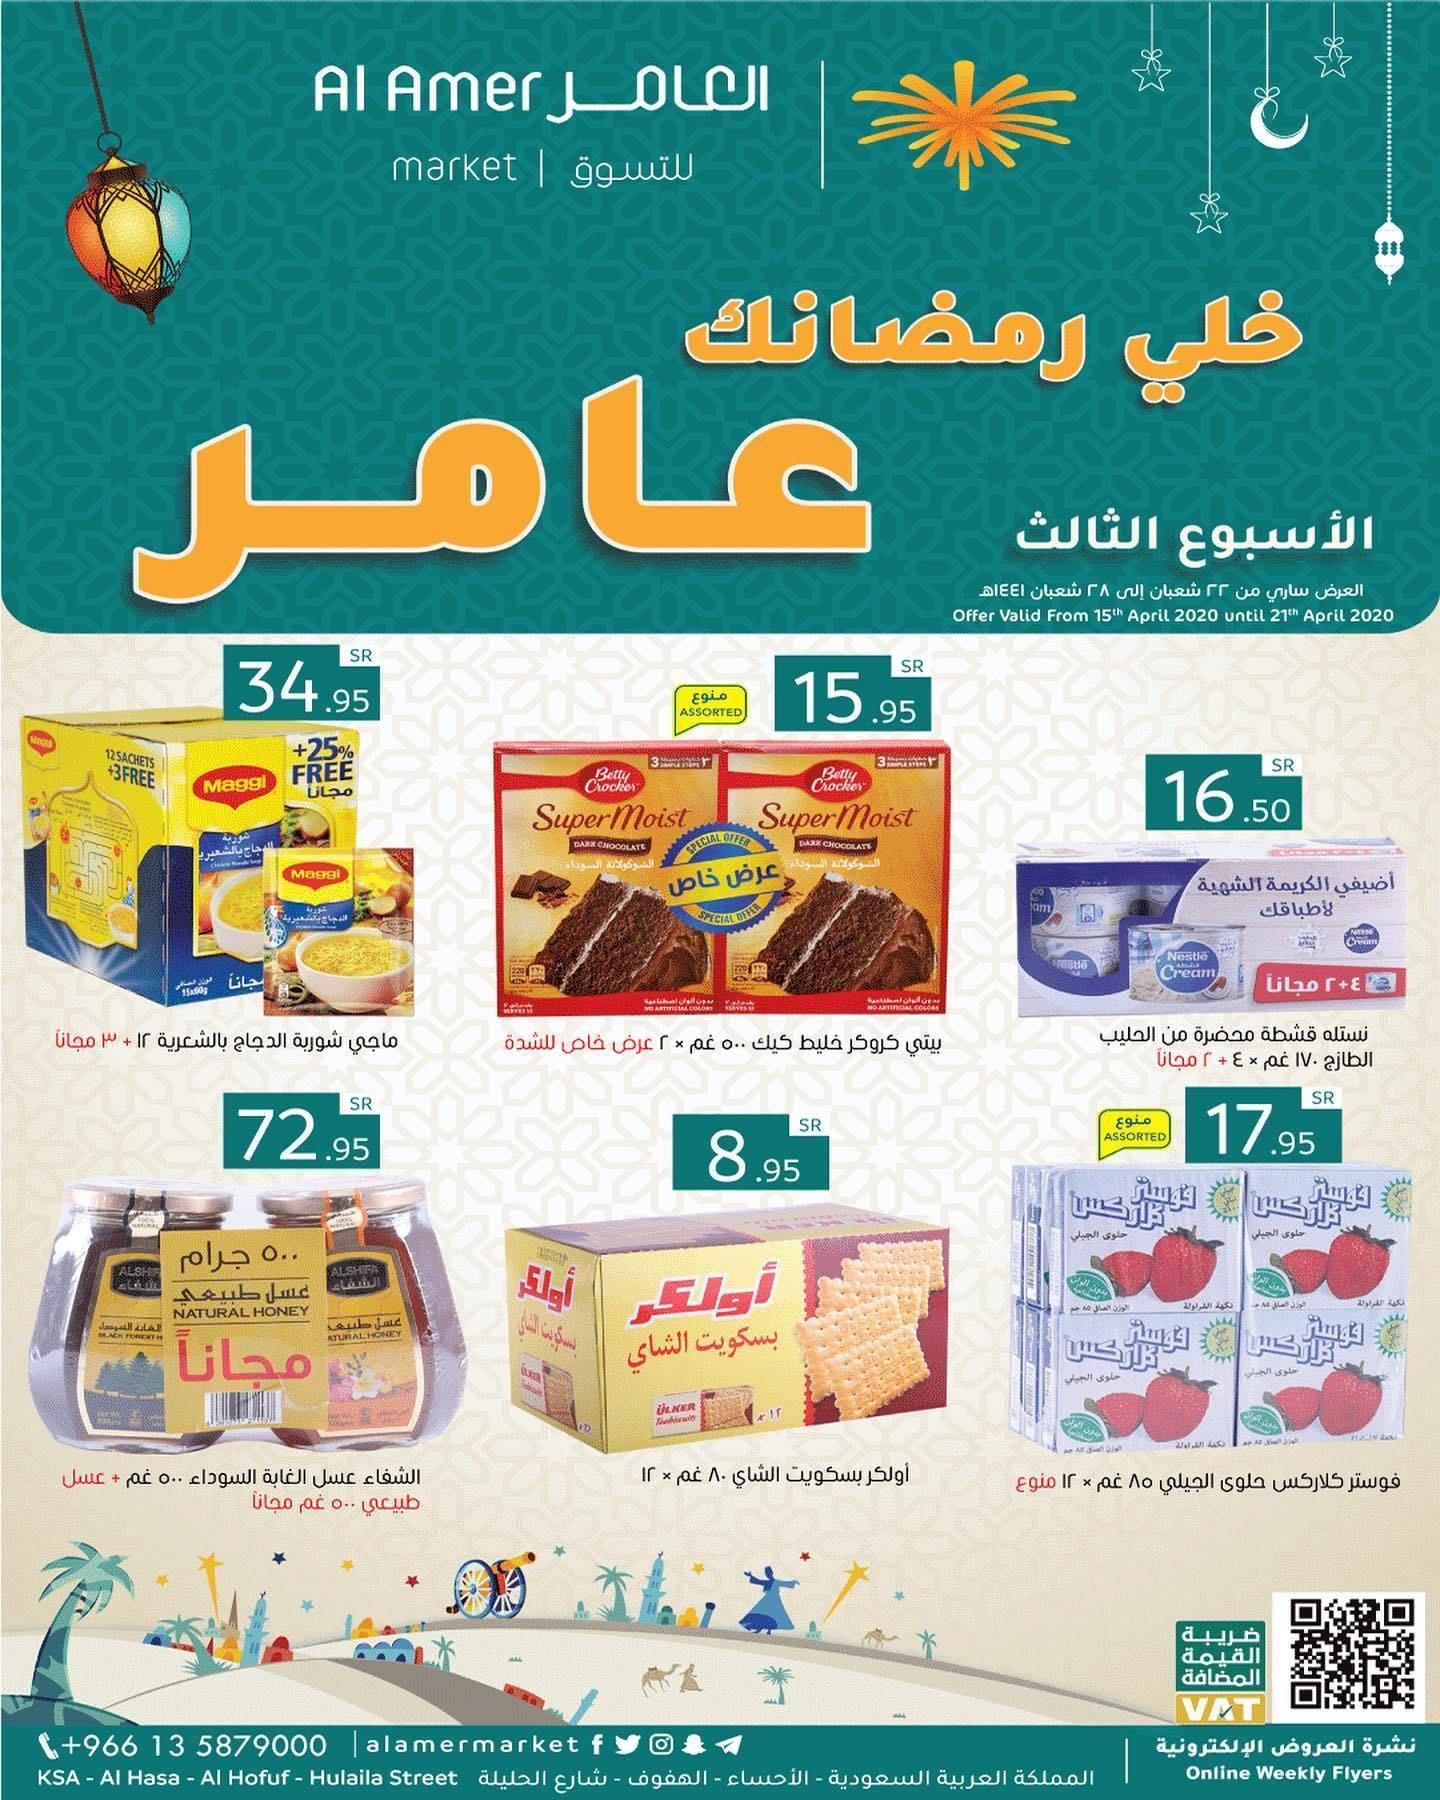 عروض رمضان عروض العامر ماركت الاسبوعية الاربعاء 15 4 2020 الاسبوع الثالث عروض اليوم Ramadan Offer Moist